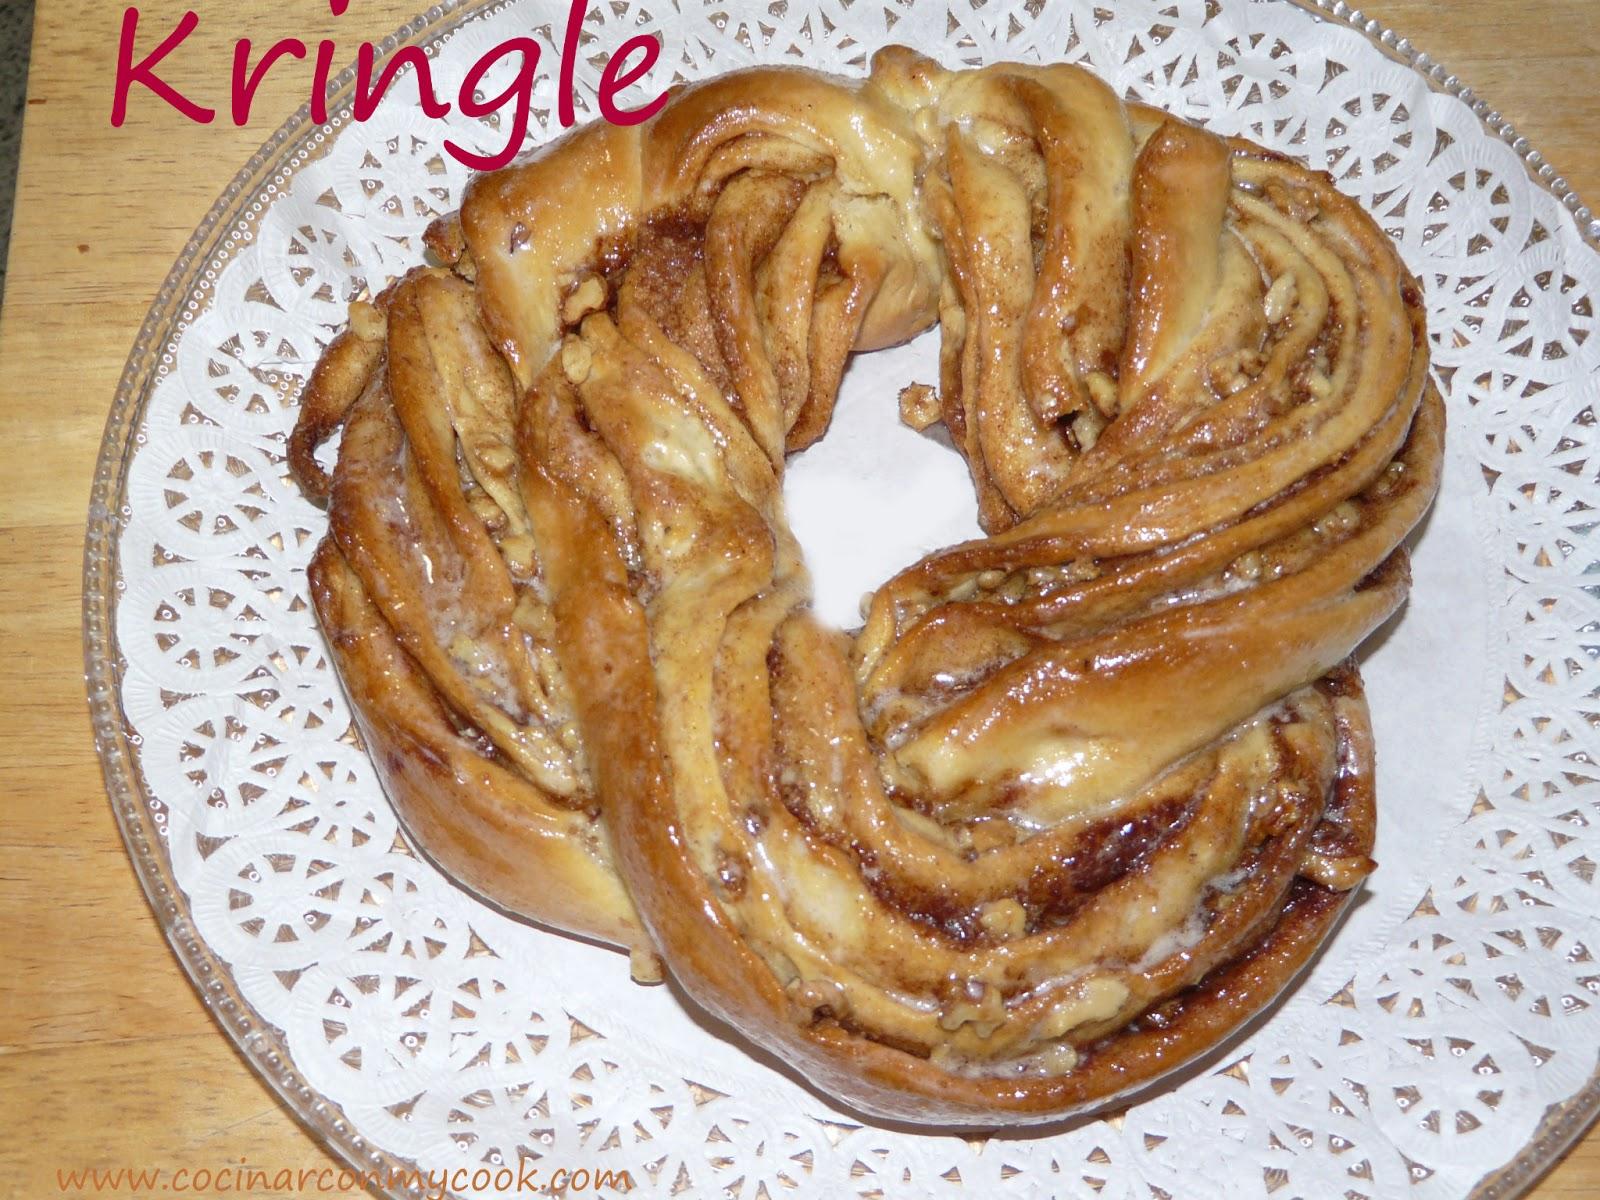 ... kringle kris kringle bread pudding klippekrans kringle bakst tine no